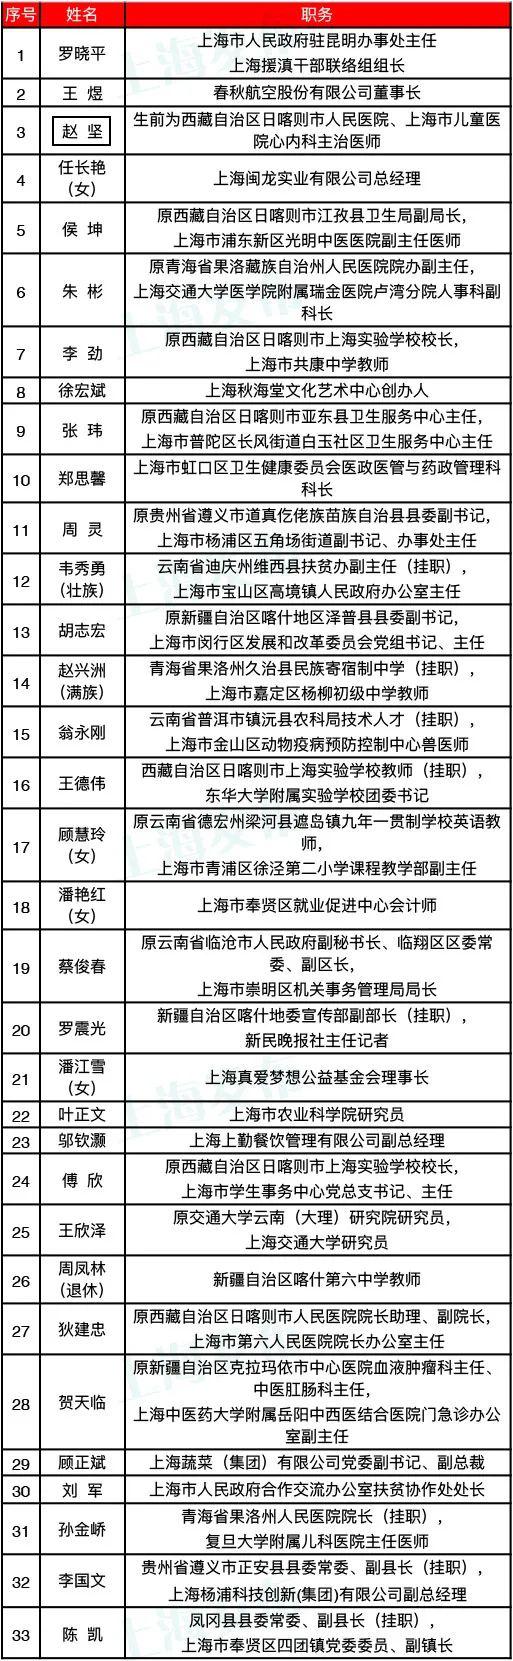 全国脱贫攻坚先进个人和集体上海推荐并获表彰名单公布